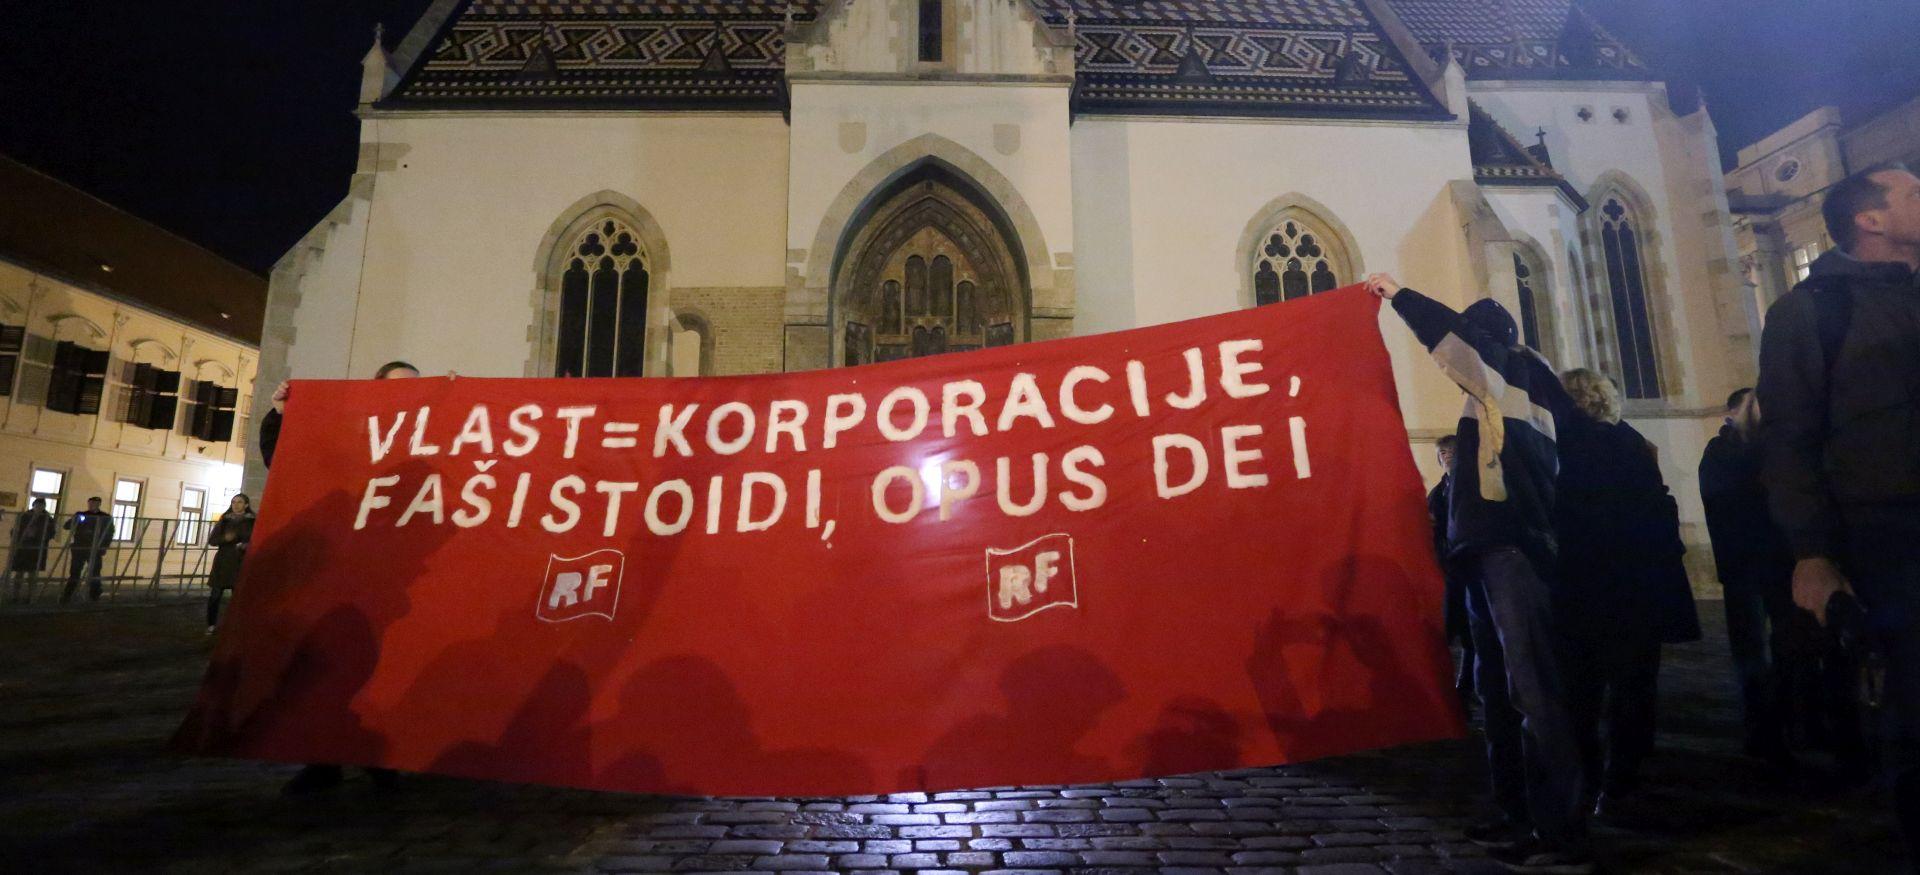 STRUČNJACI Kroničnu podjelu hrvatskog društva na 'crne' i 'crvene' održavaju političari